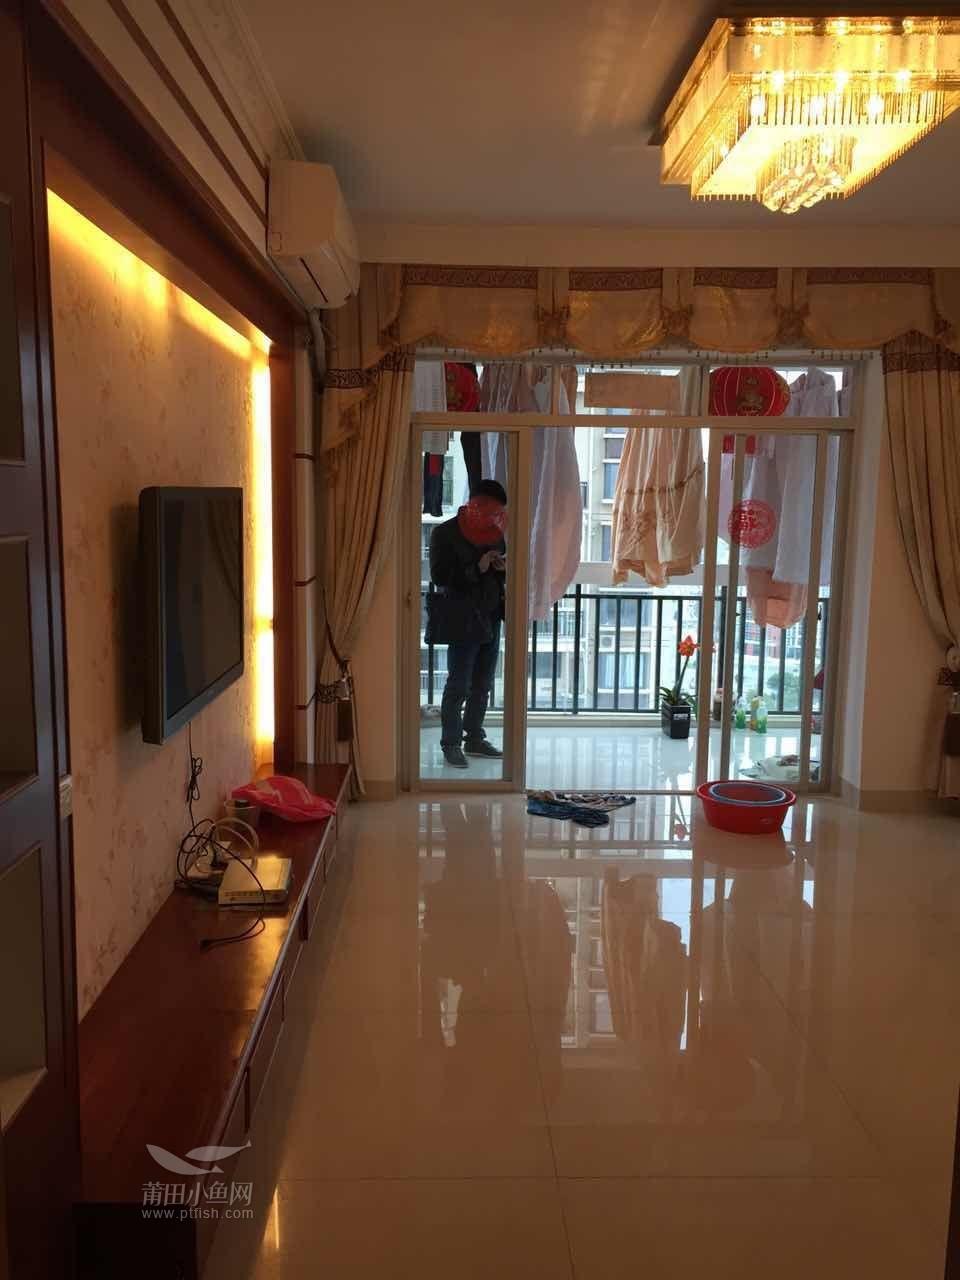 天通泰1号楼19层80平米2房 精装修 3空调东西齐全 房屋租售